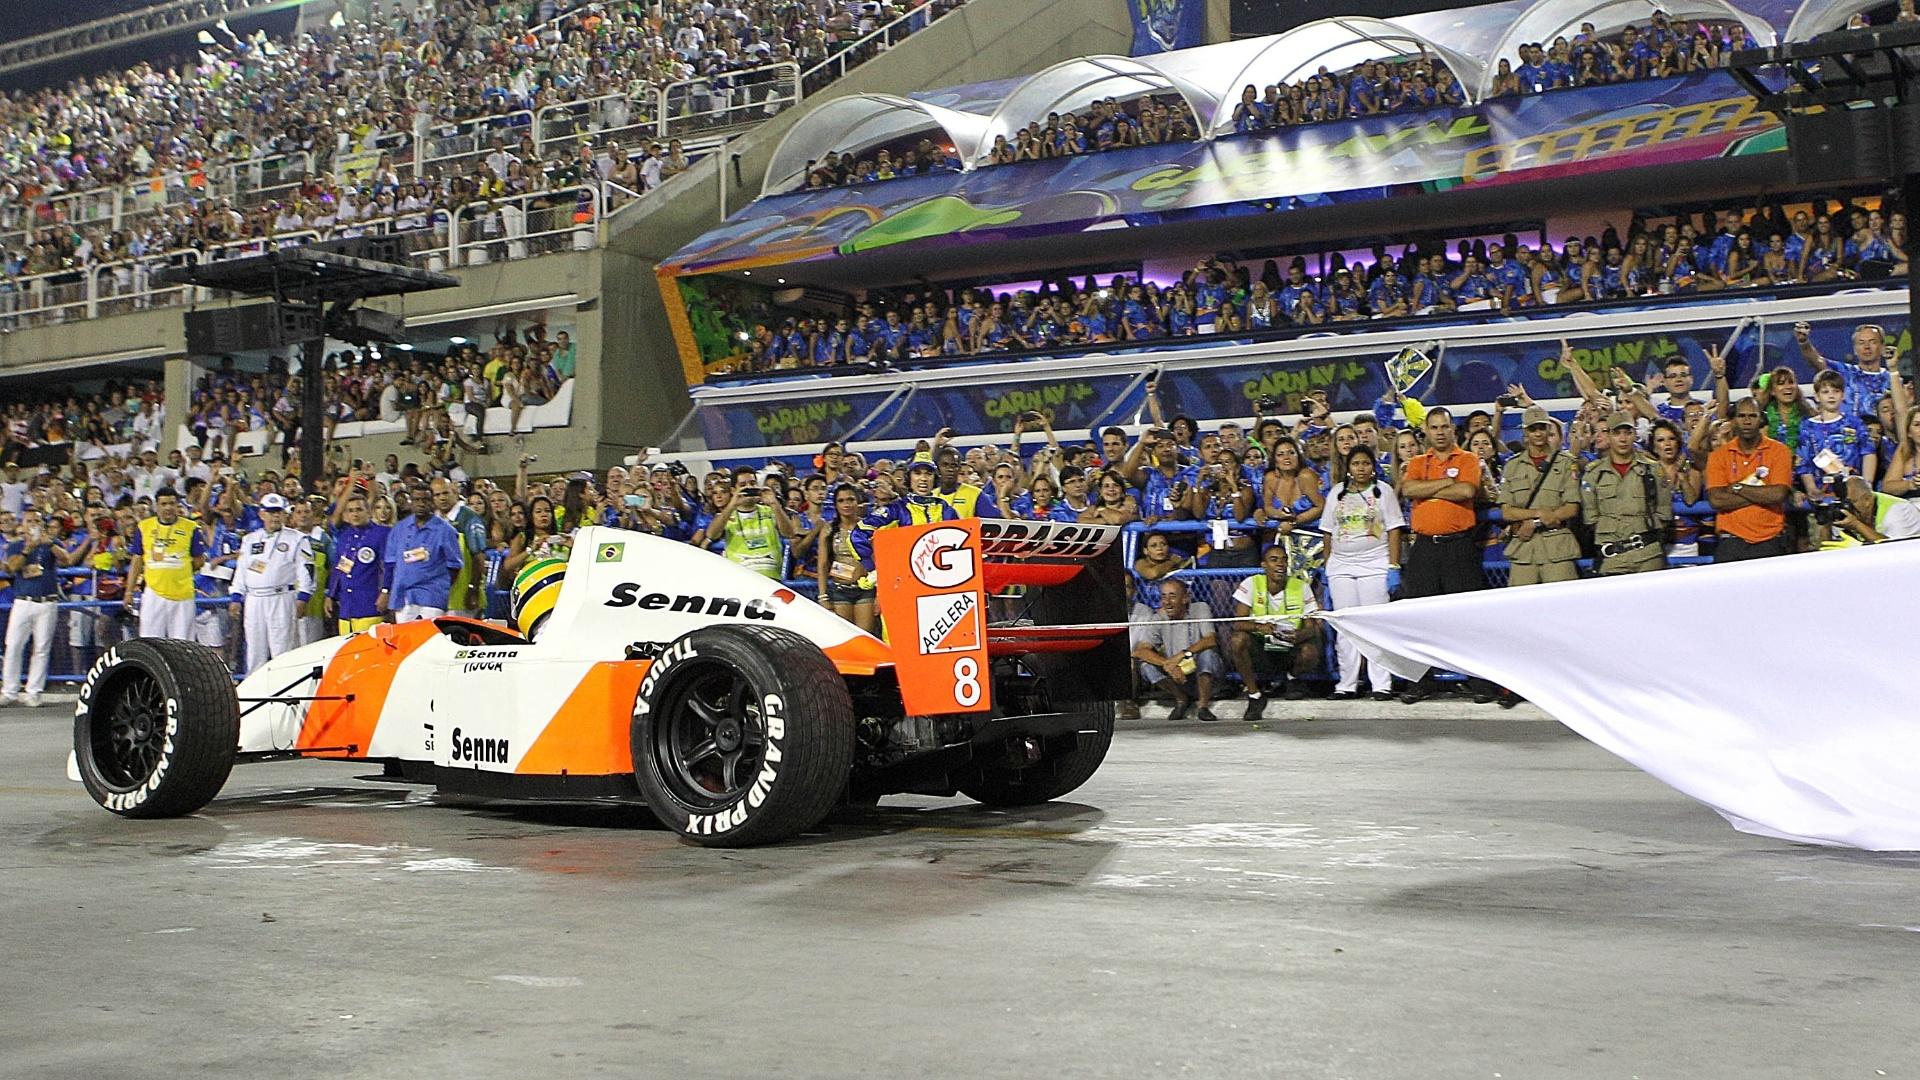 4.mar.2014 - Carro de Fórmula 3 usado na comissão de frente da Unidos da Tijuca